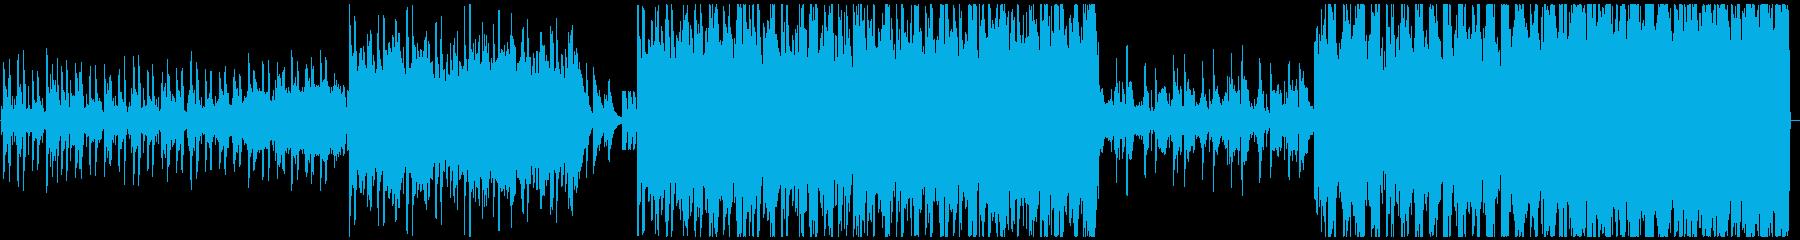 キラキラ可愛くお洒落なエレクトロニカの再生済みの波形